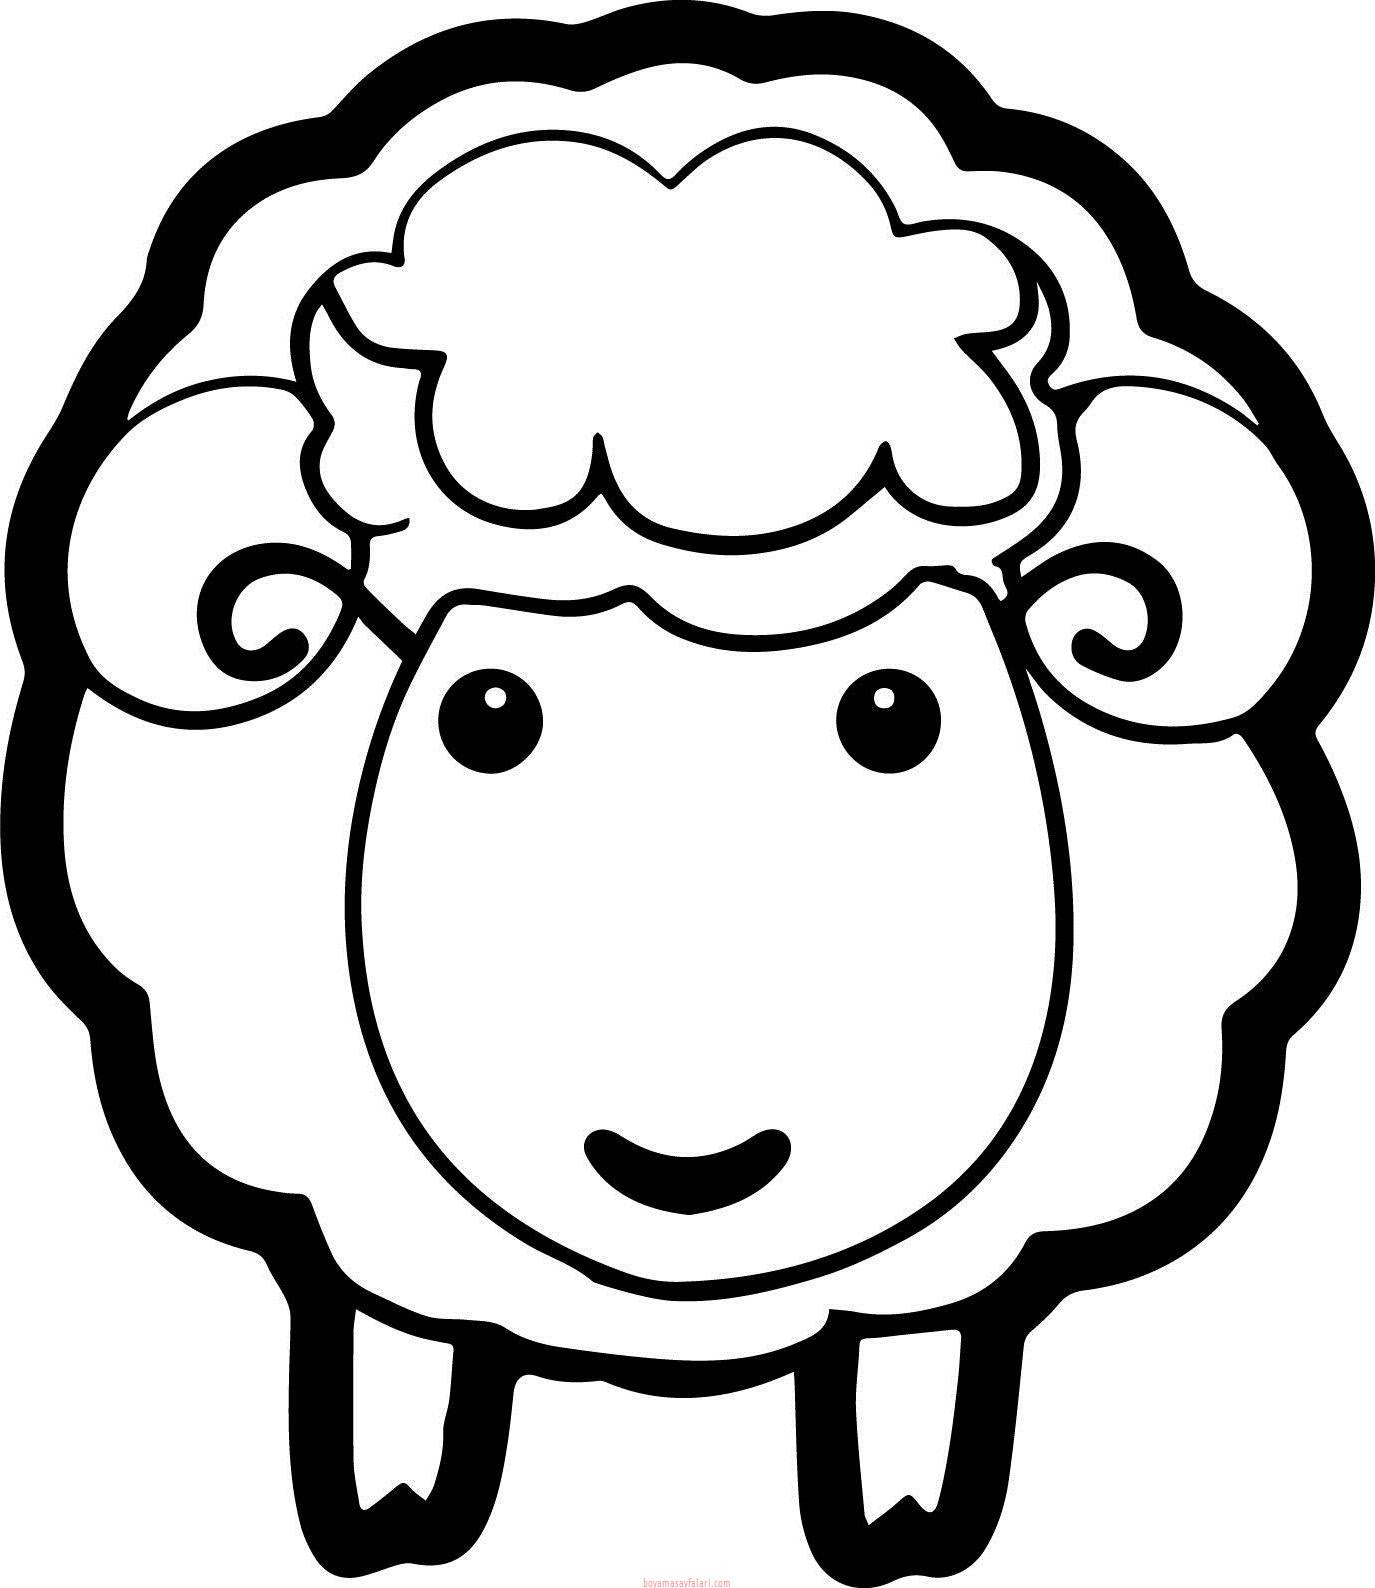 Koyun Boyama Sayfaları Sınıf öğretmenleri Için ücretsiz özgün